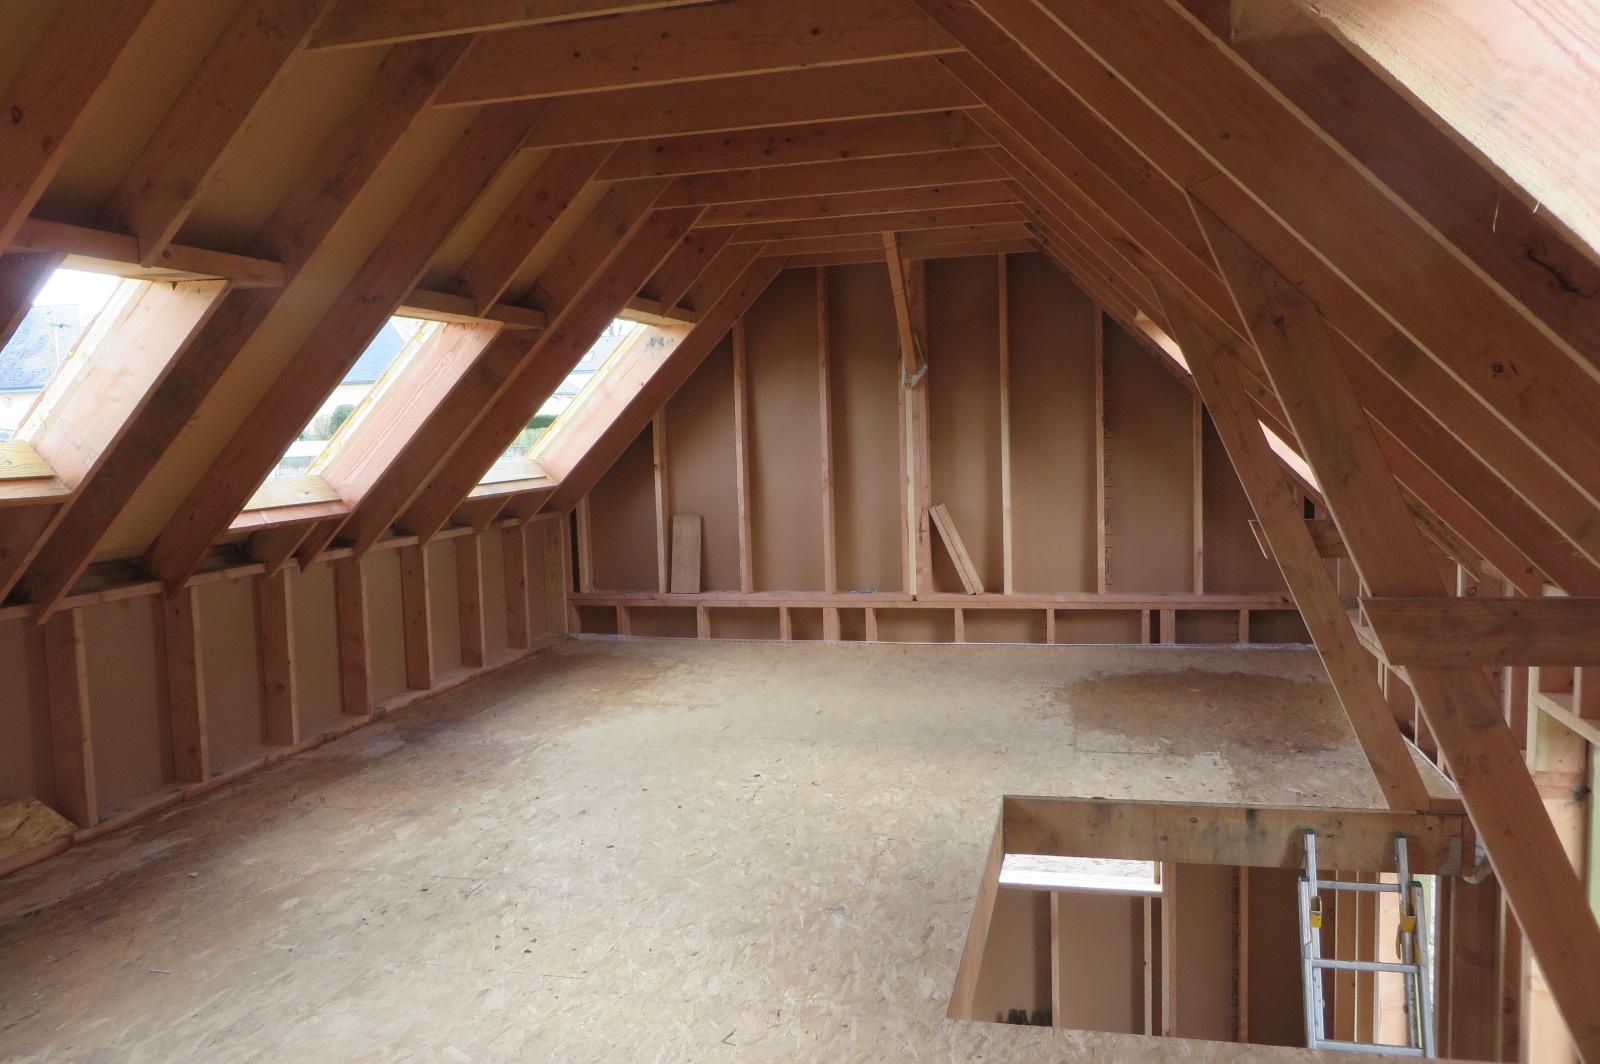 Etage maison ossature bois avant pose vélux et isolant